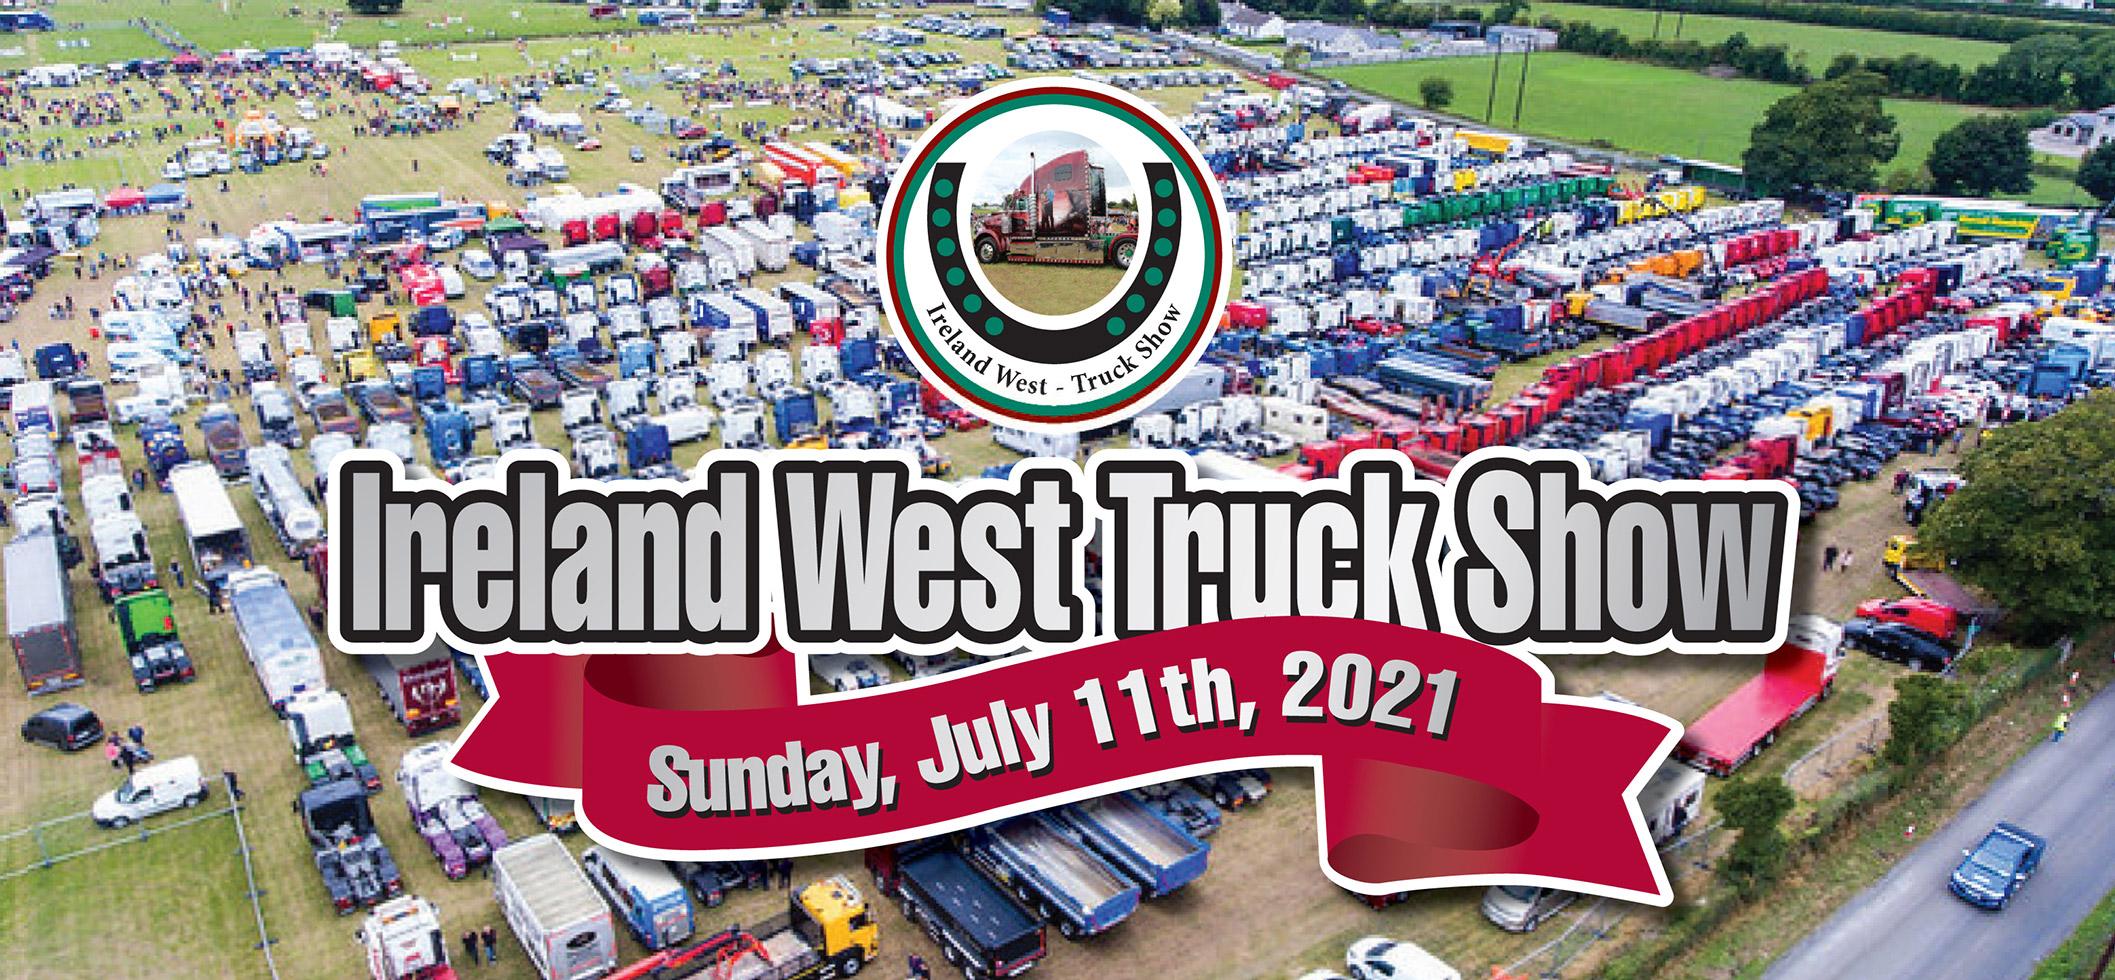 Ireland West Truck Show 2021